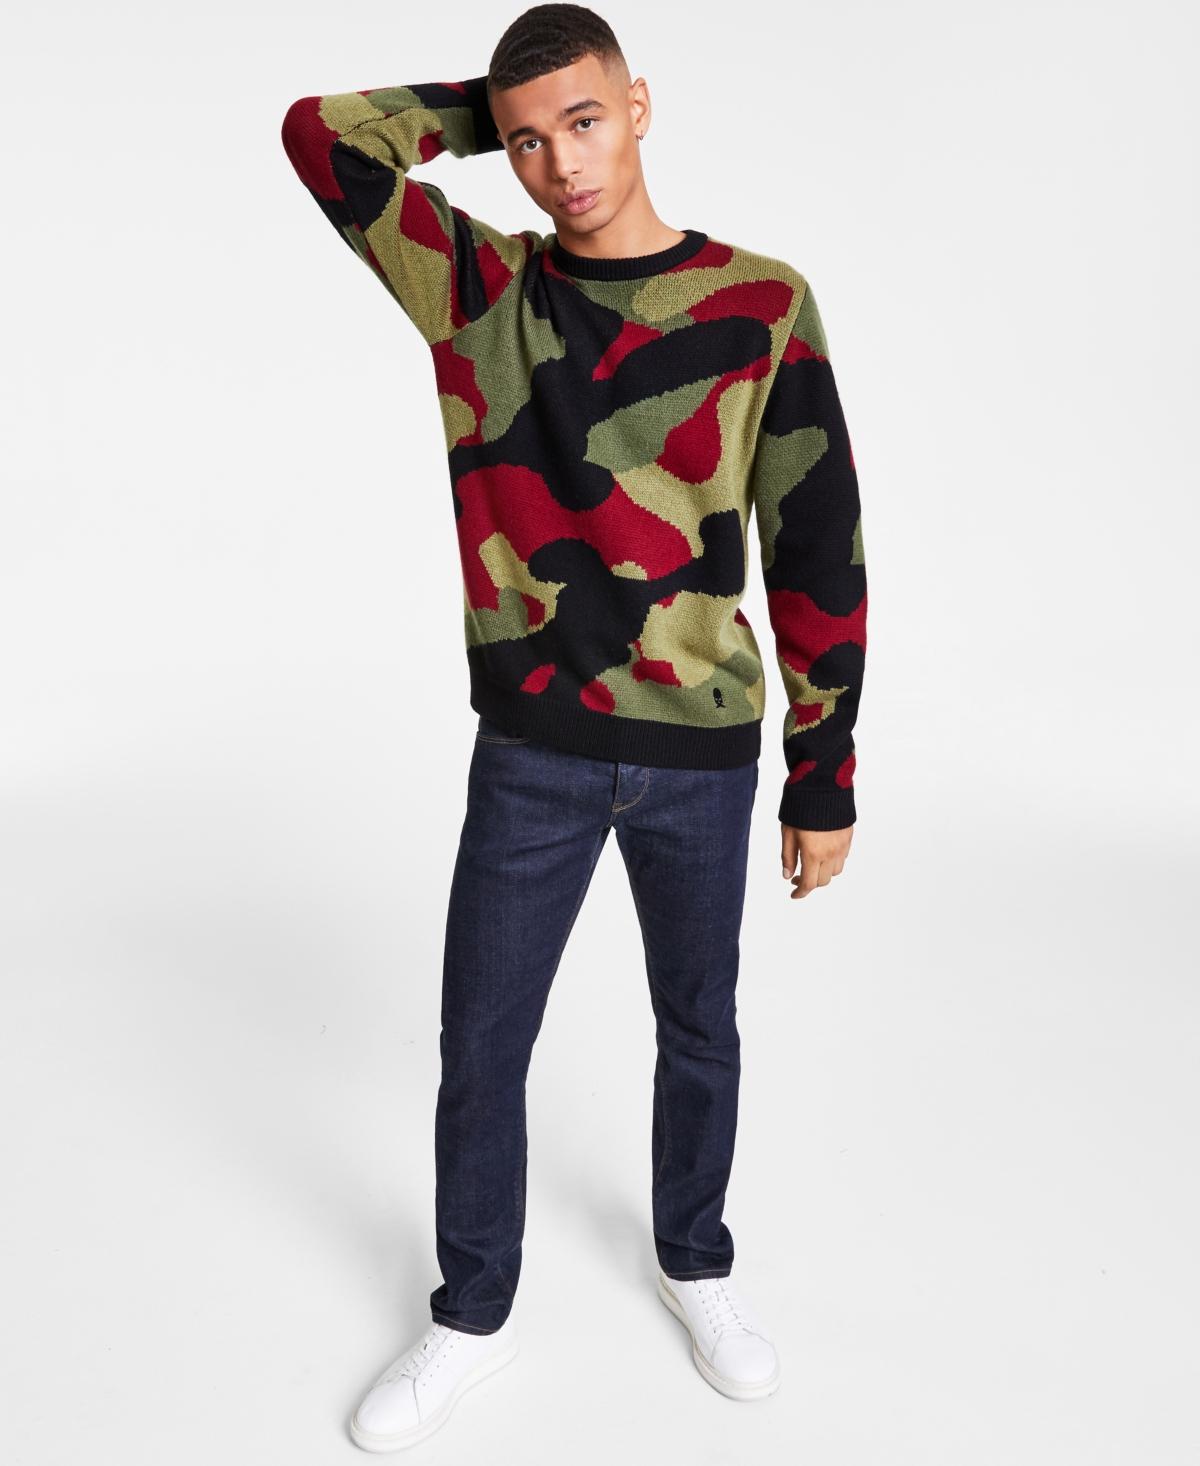 Men's New Age Camo Sweater